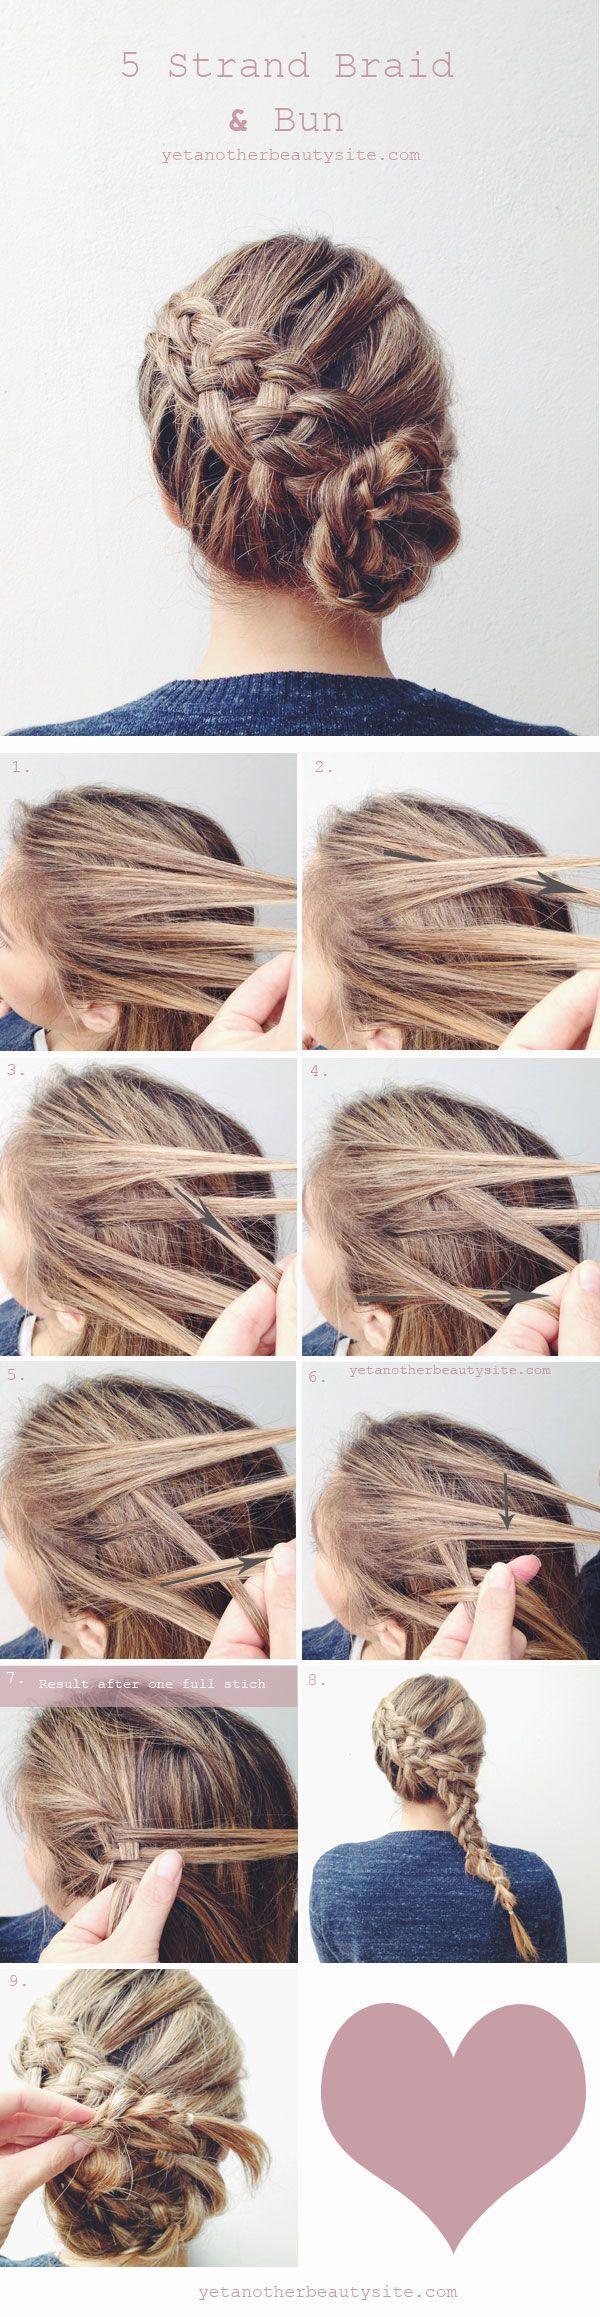 Hairstyle // Cute 5 strand braid and bun tutorial.